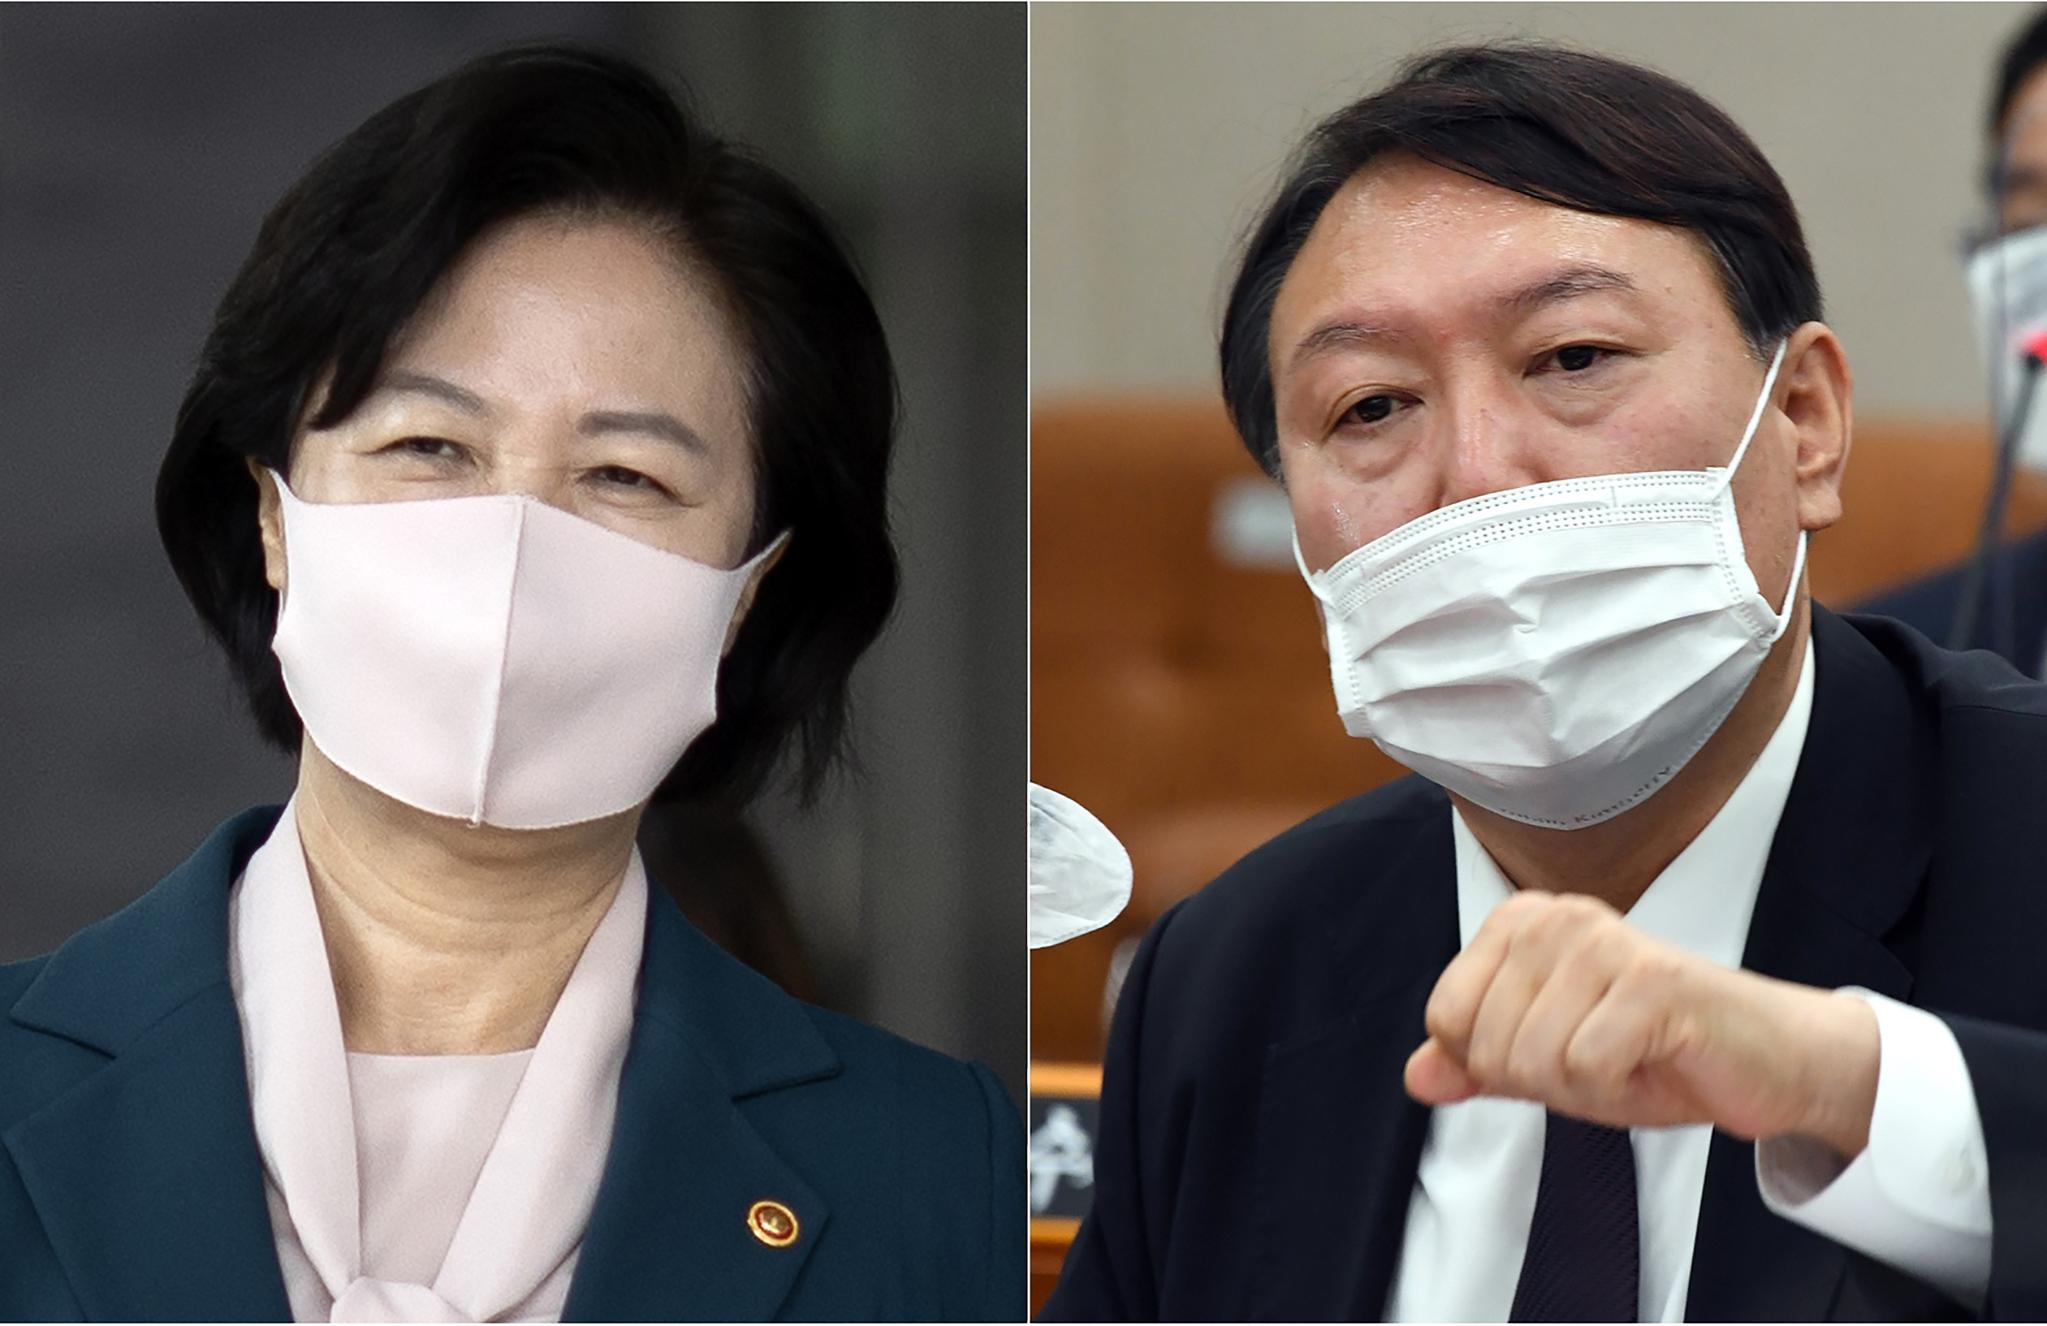 추미애 법무부 장관과 윤석열 검찰총장. 연합뉴스